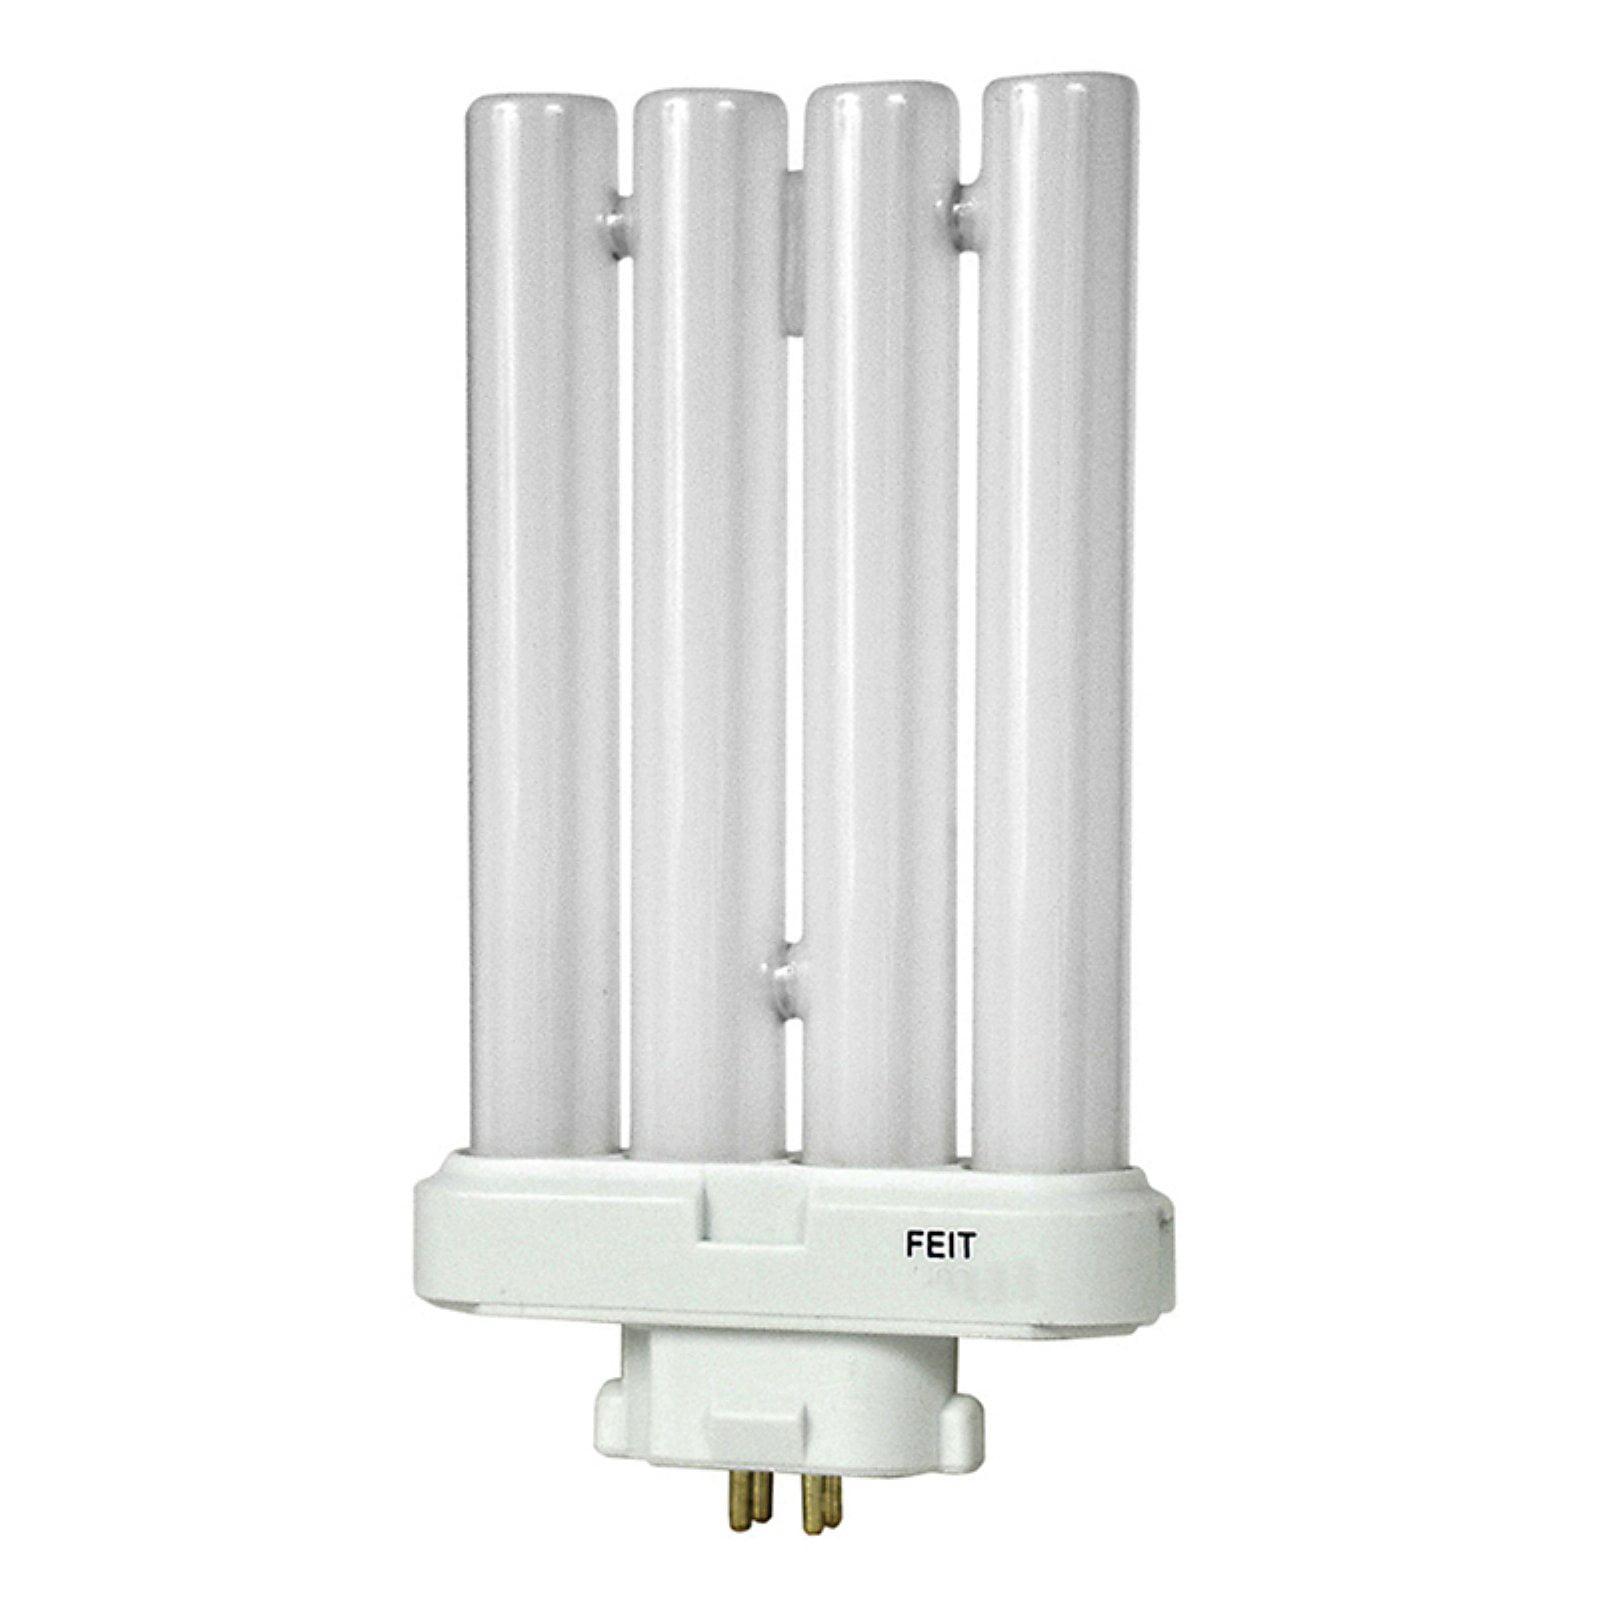 suck bulbs Feit light